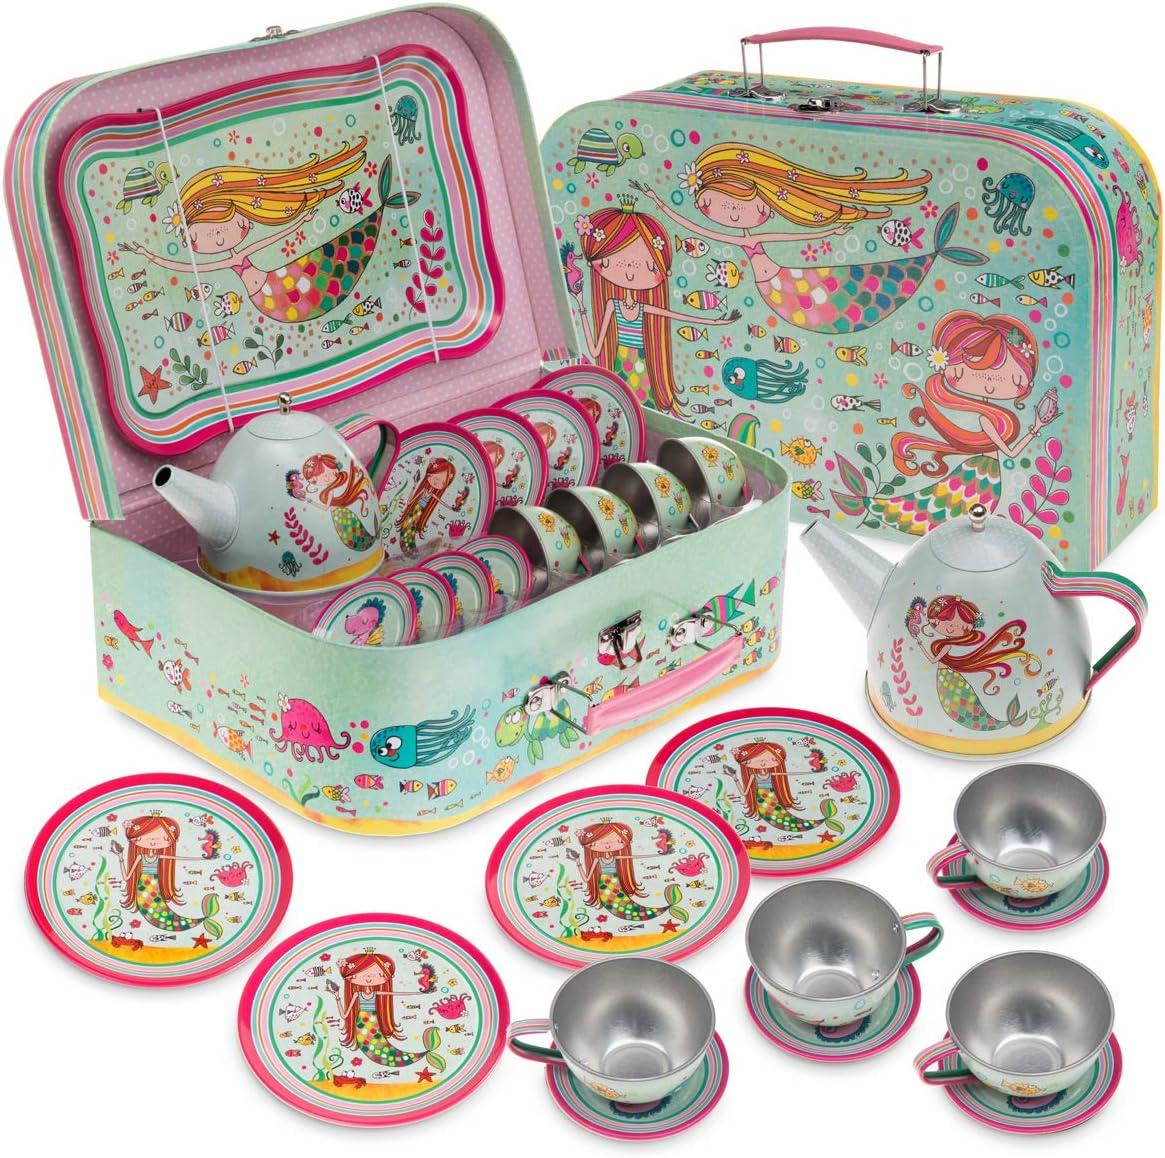 Jewelkeeper Joyero - Juego de té de Juguete para niños & Estuche - Diseño de Sirena